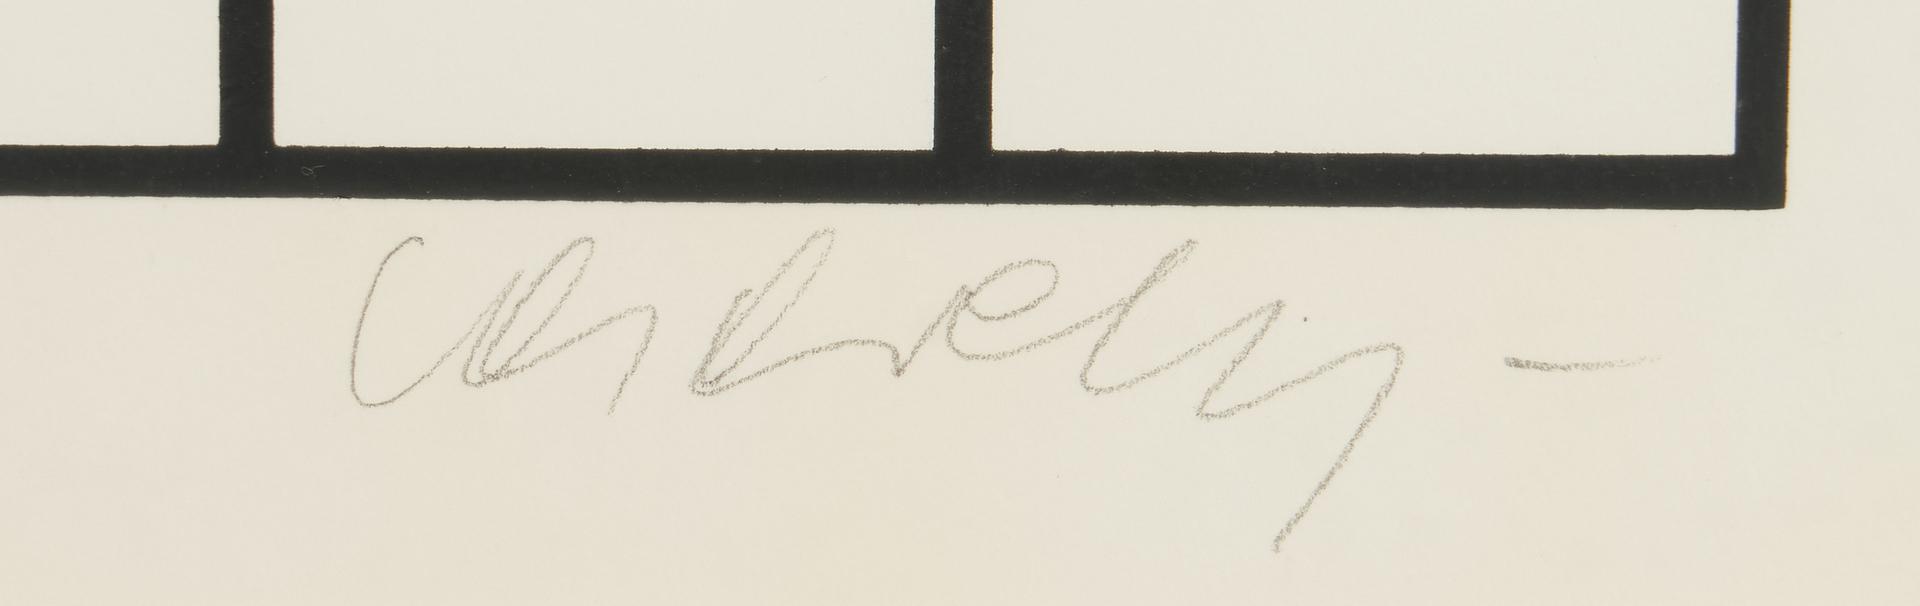 Lot 872: Victor Vasarely Modern Op art Screenprint, Bora D